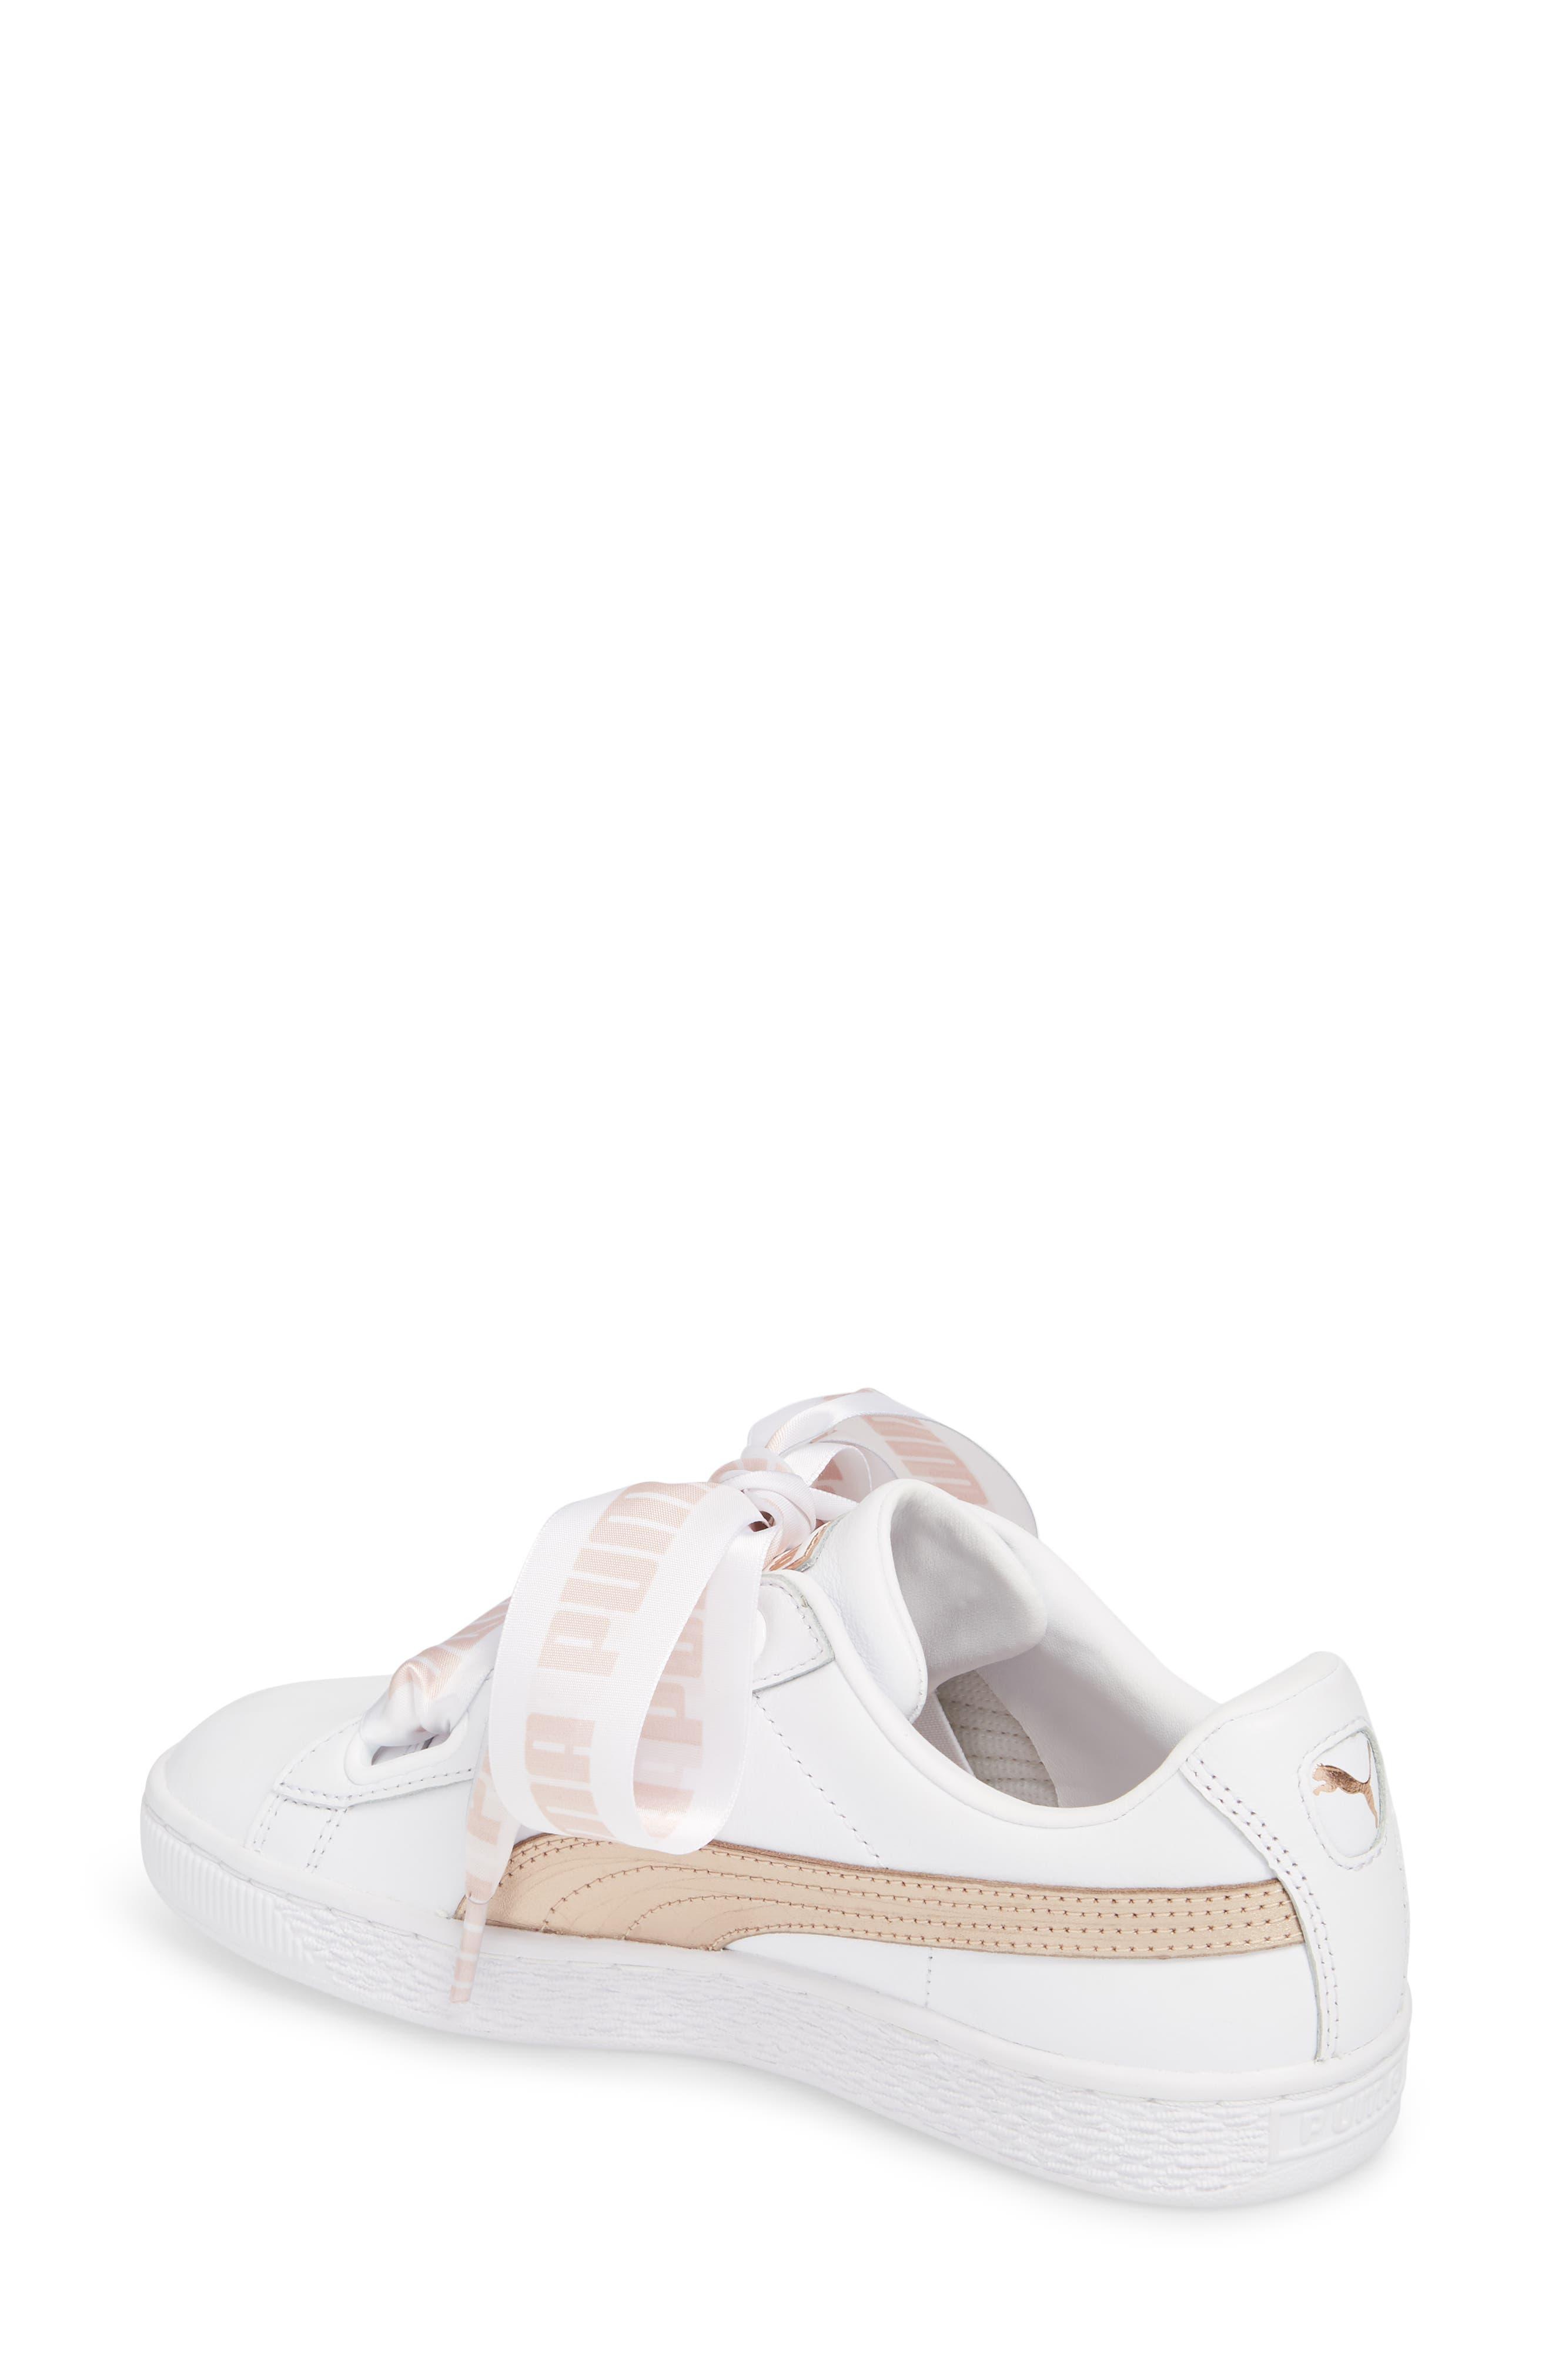 Basket Heart Sneaker,                             Alternate thumbnail 2, color,                             WHITE/ ROSE GOLD LEATHER